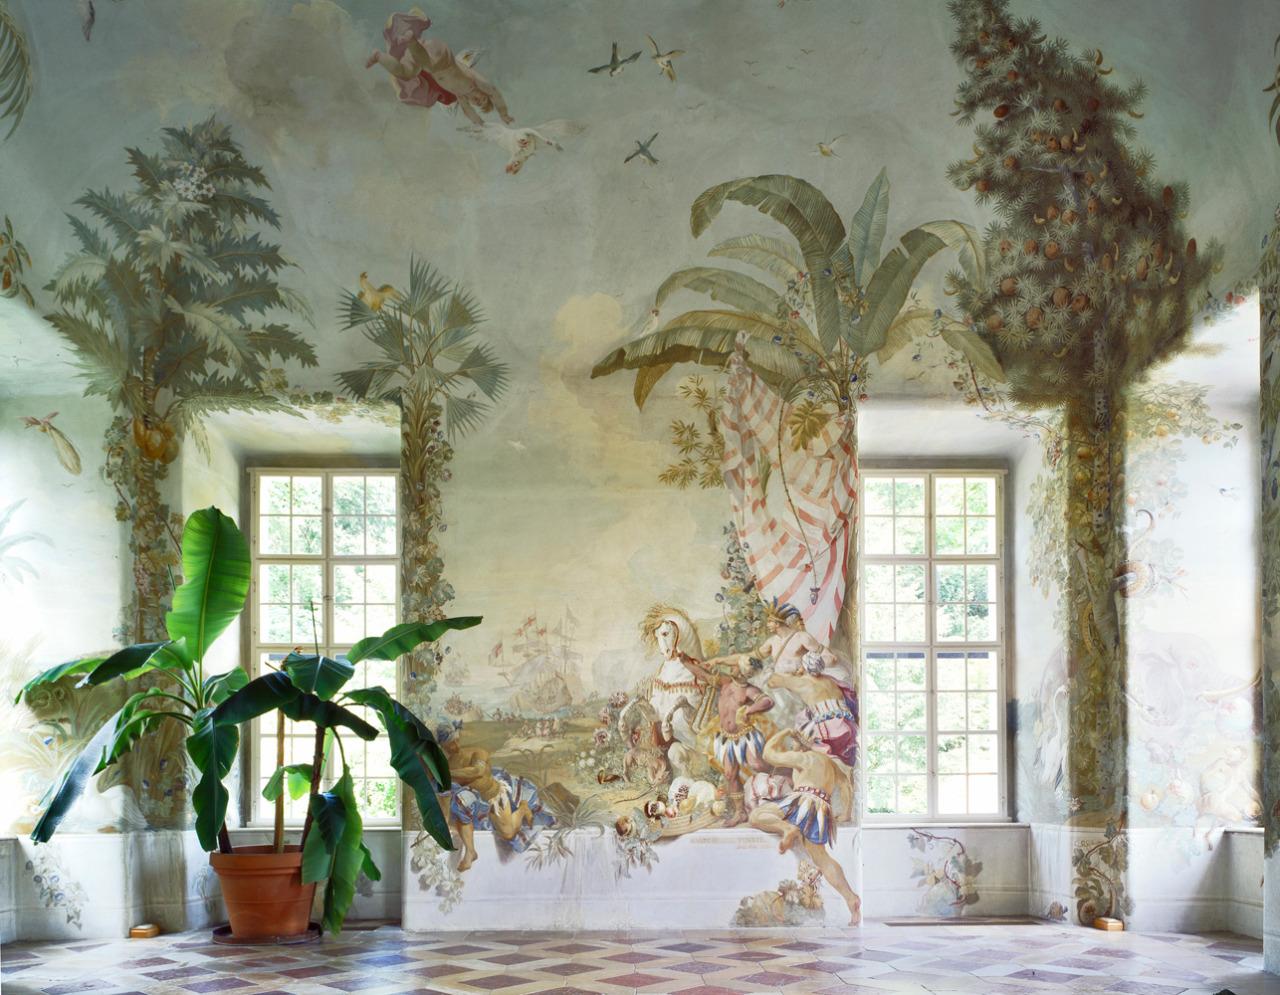 Tapéta helyett - festmény a falon.